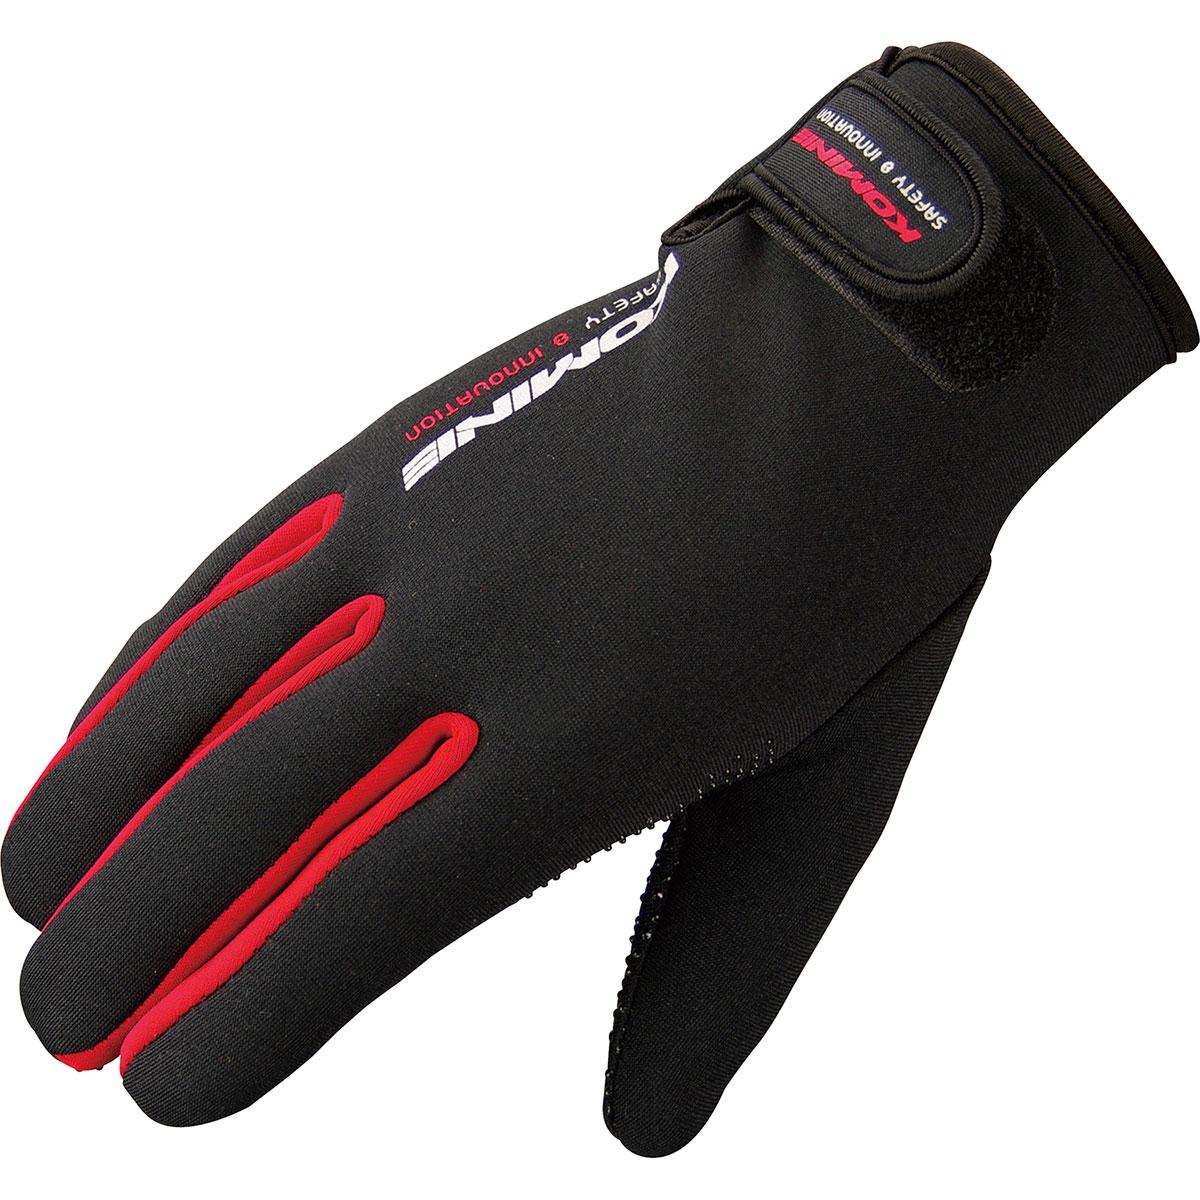 コミネ (Komine) バイク用 グローブ Gloves GK-753 ネオプレーングローブ レッド 赤 Lサイズ 06-753/RD/L